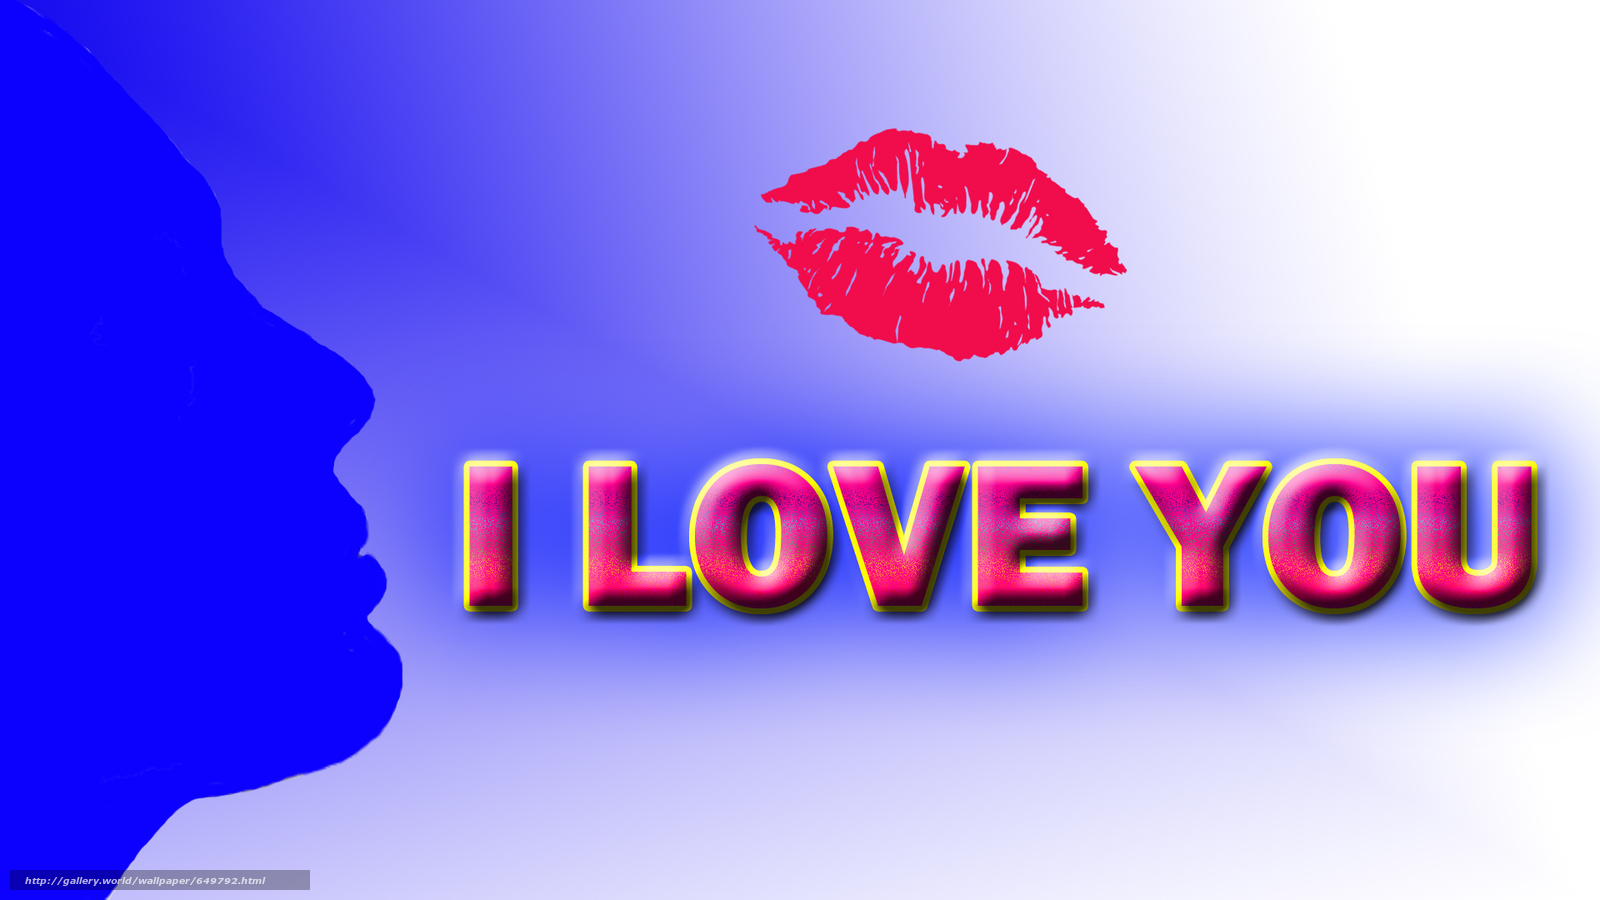 Скачать обои Валентинки,  Валентинка,  День святого Валентина,  день влюблённых бесплатно для рабочего стола в разрешении 1920x1080 — картинка №649792